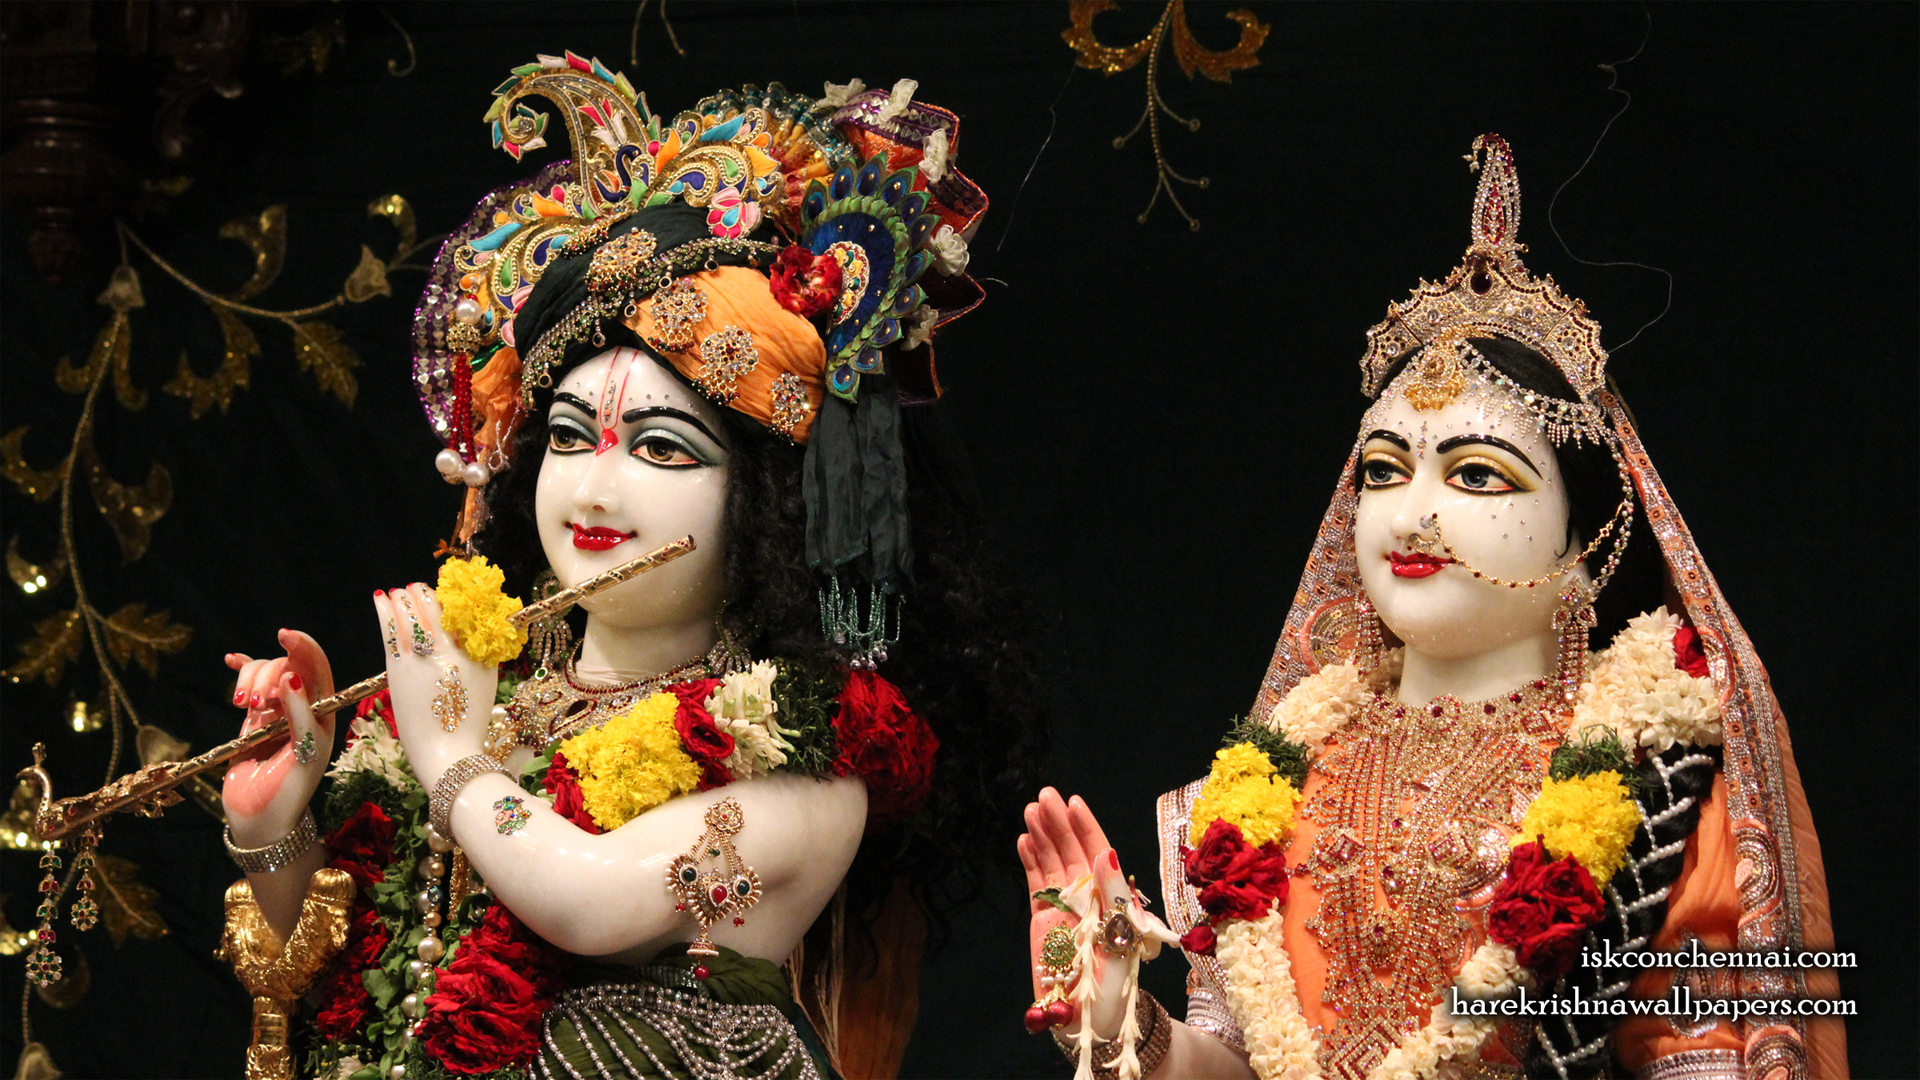 Sri Sri Radha Krishna Close up Wallpaper (014) Size 1920x1080 Download